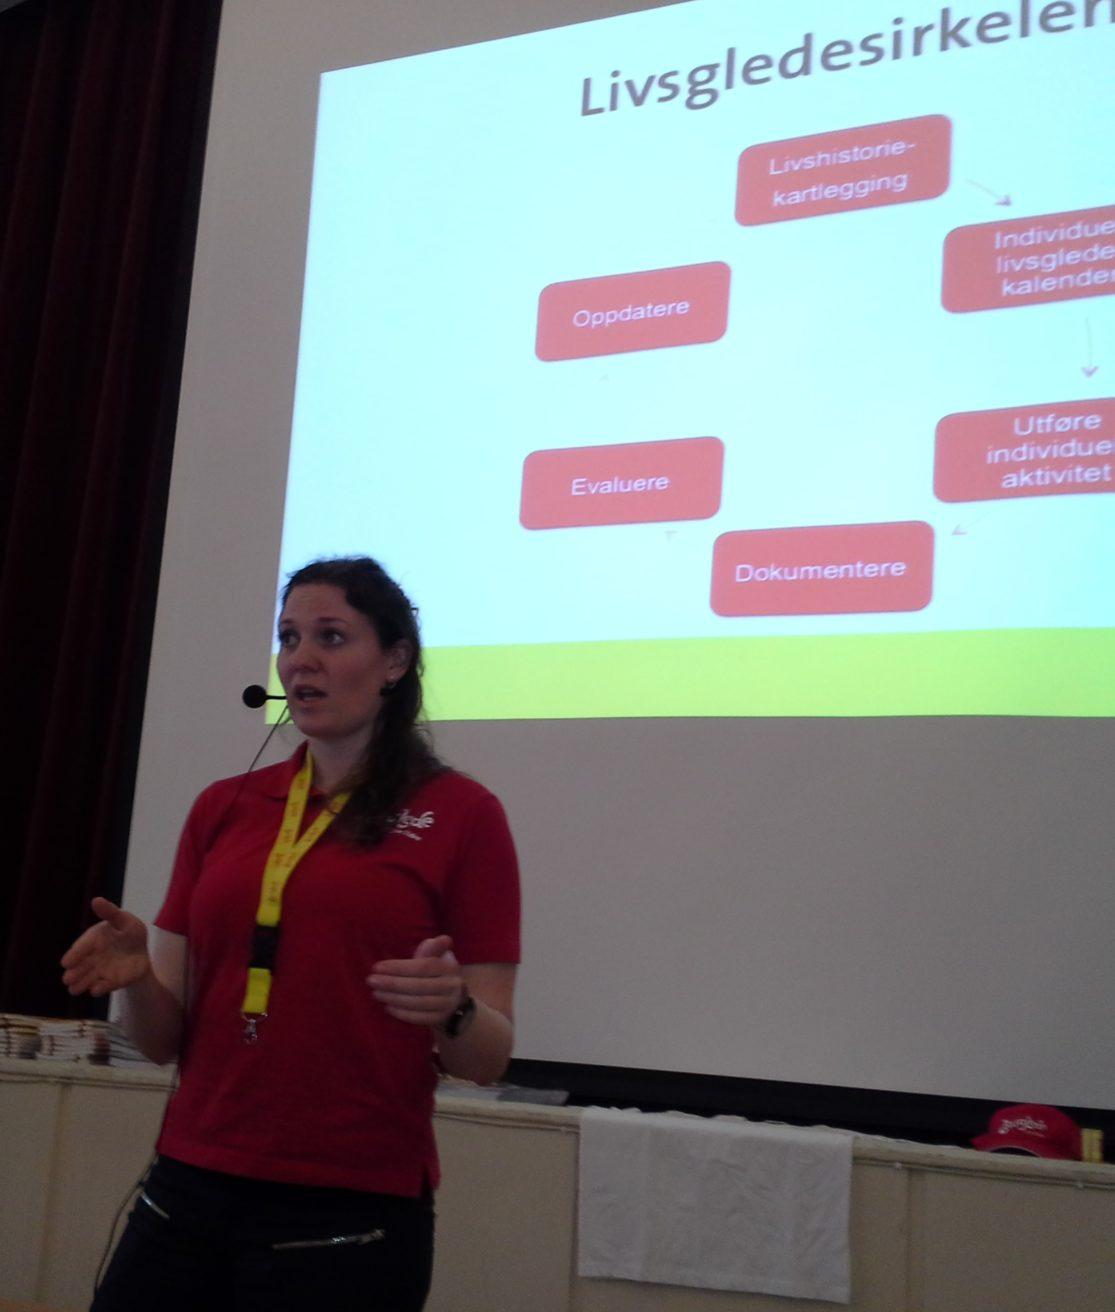 Sertifisør Borghild Hildrum snakker om livsgledesirkelen